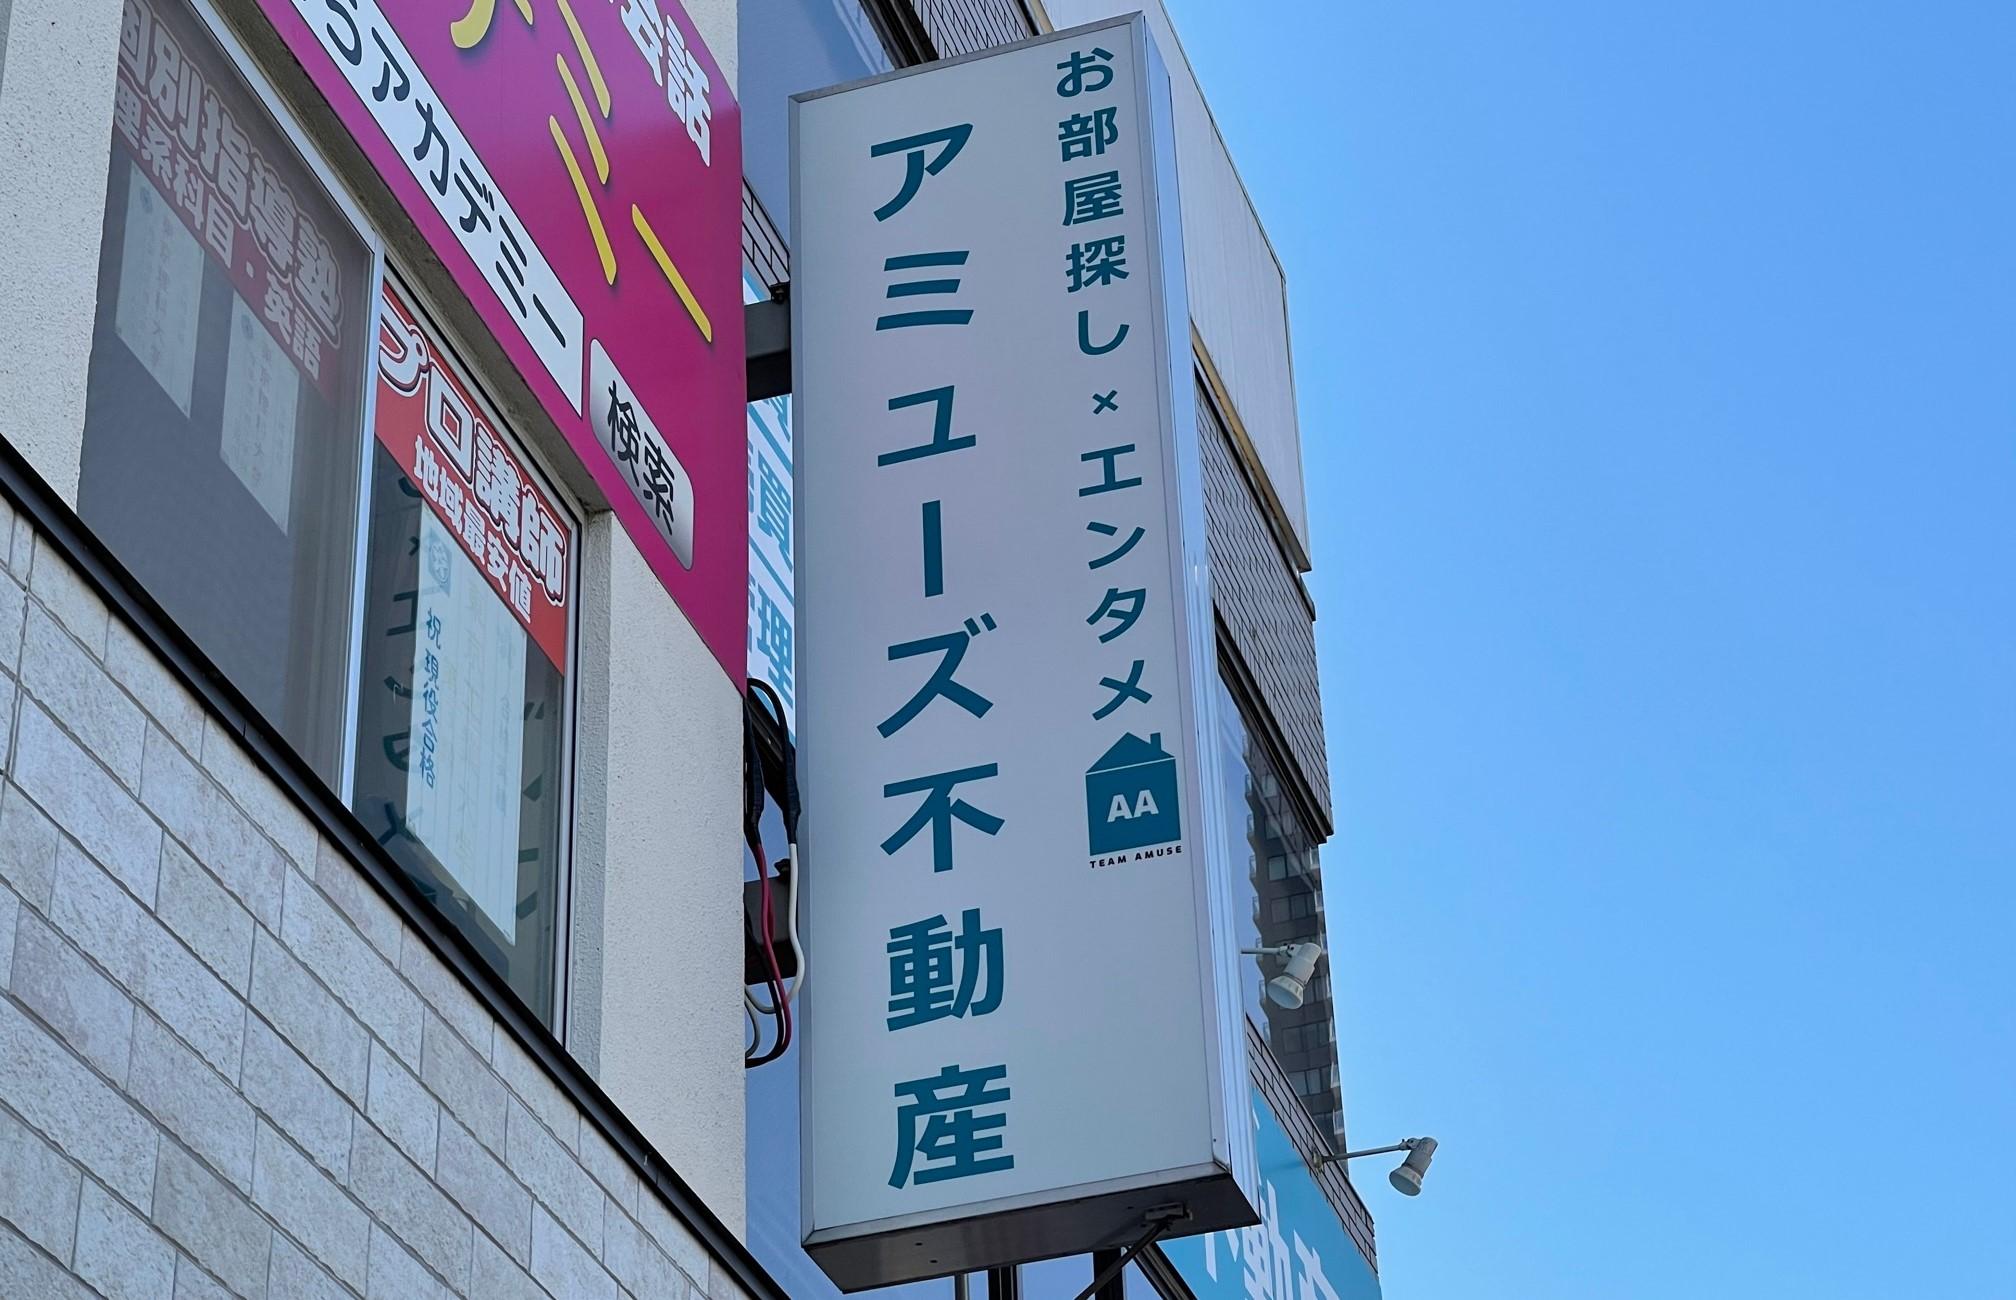 『お部屋探し×エンタメ』AMUSE不動産の店舗が1月18日(月)よりオープン!